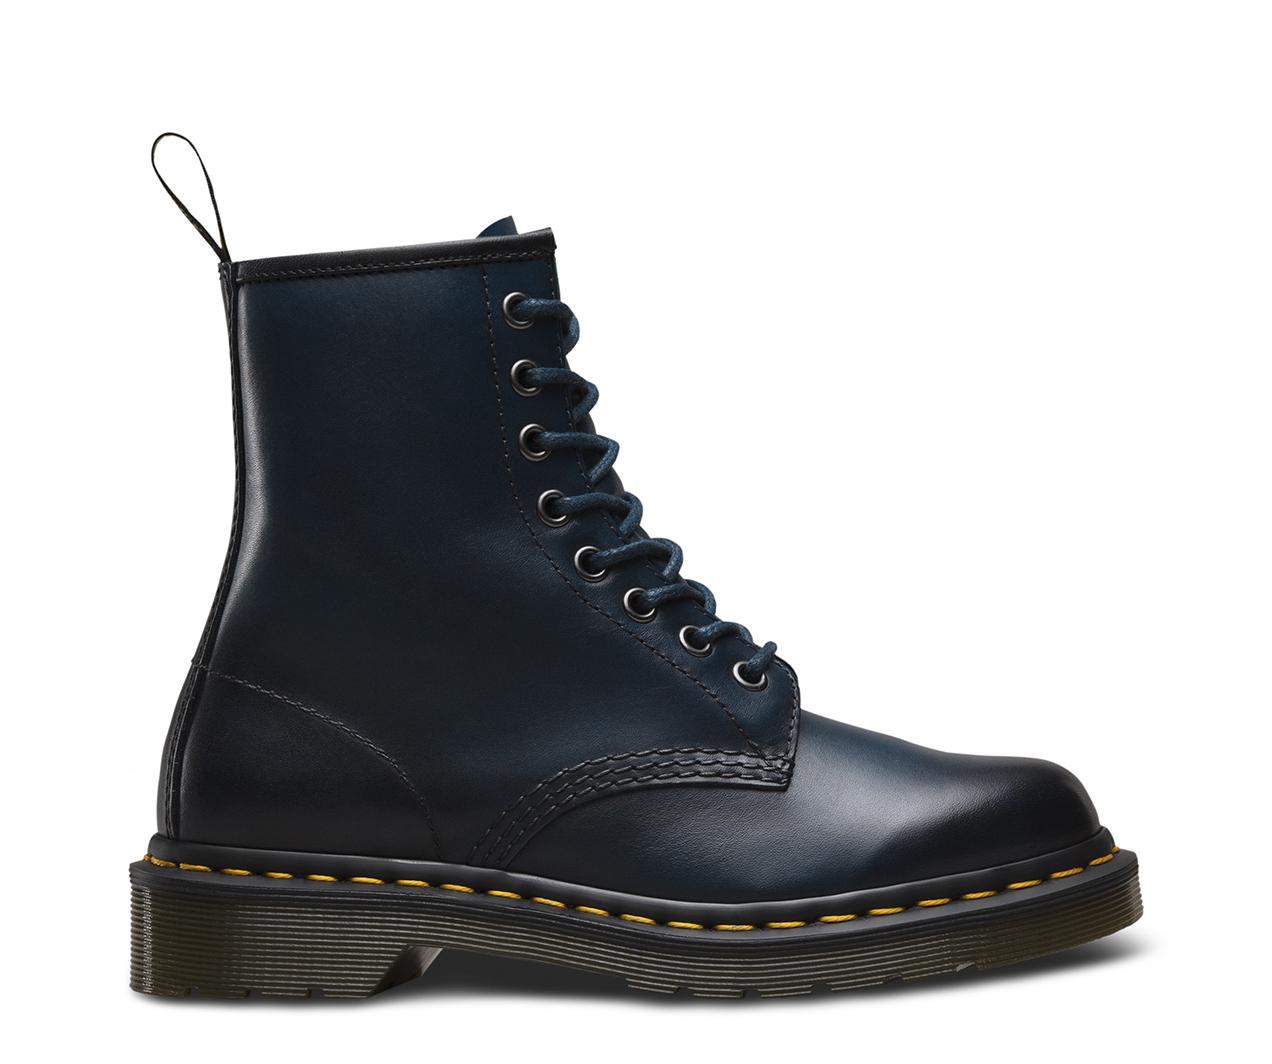 1460 antique temperley sale boots official dr martens. Black Bedroom Furniture Sets. Home Design Ideas